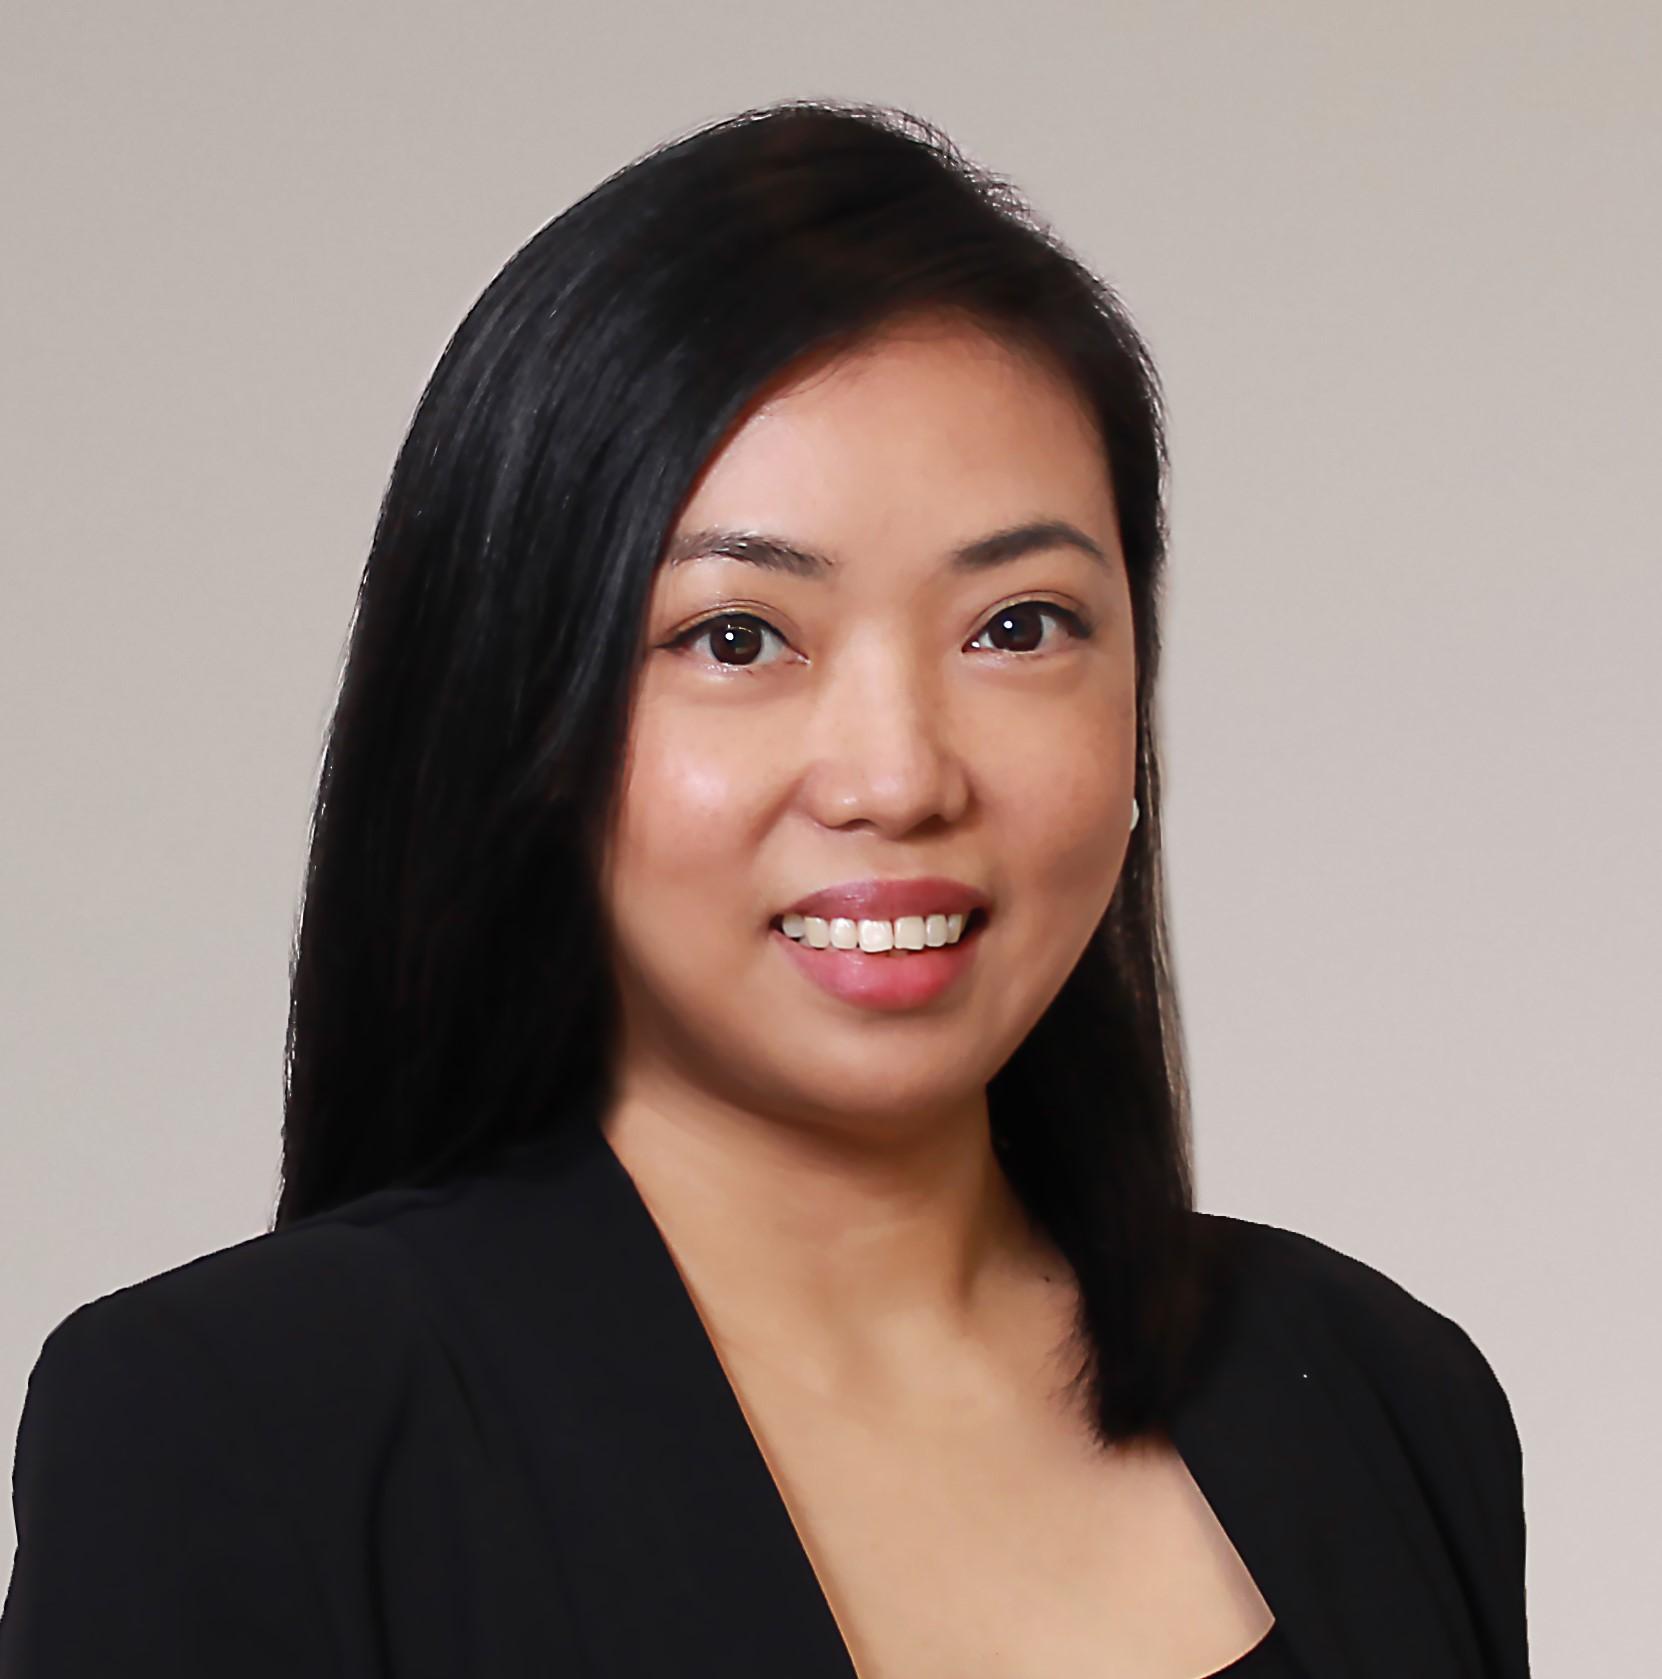 Janice Leung